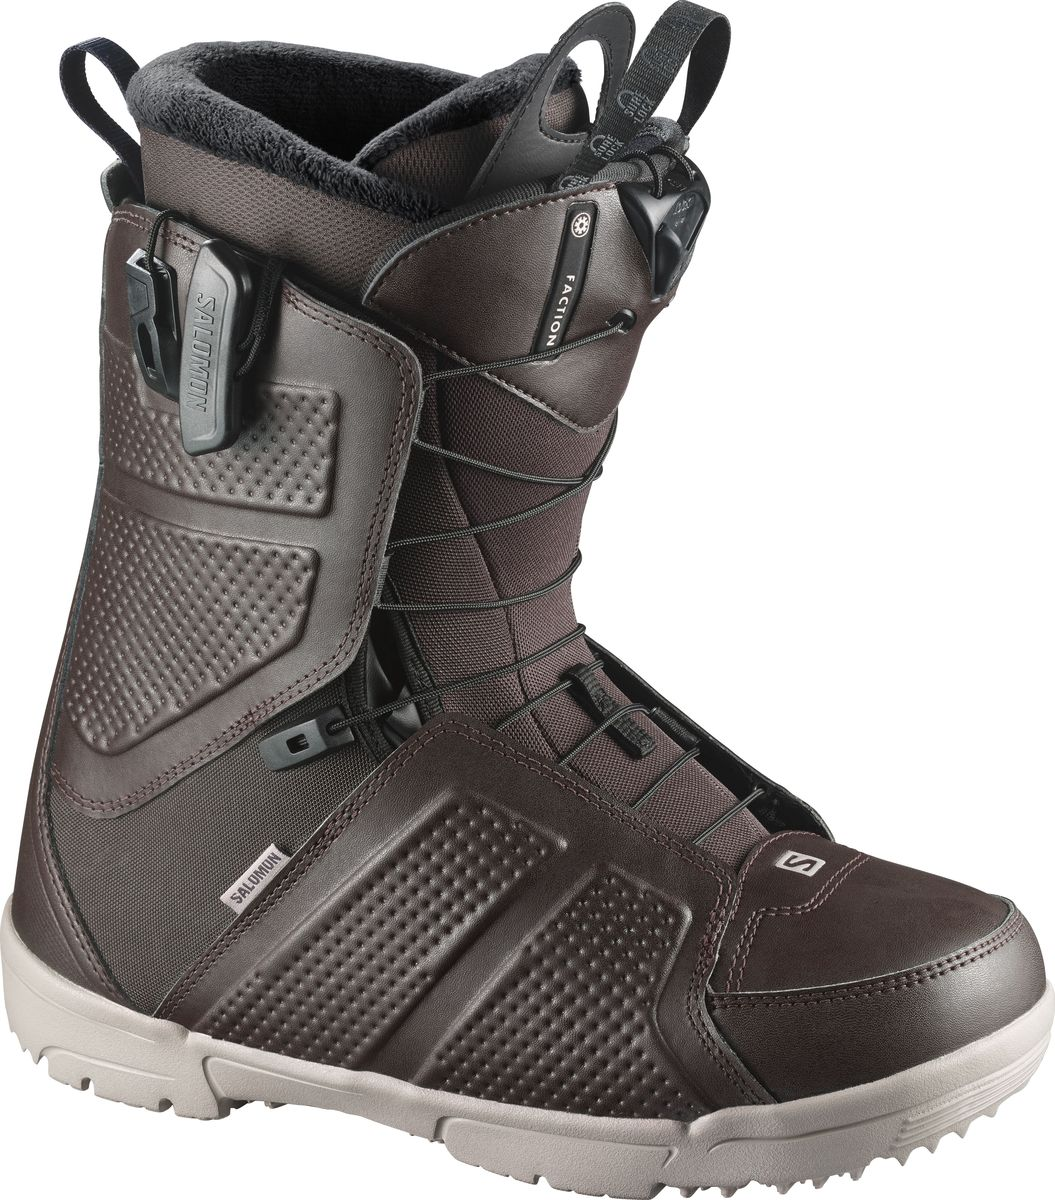 """Ботинки для сноуборда Salomon """"Faction"""", цвет: коричневый, хаки. Размер 29,5 (45)"""